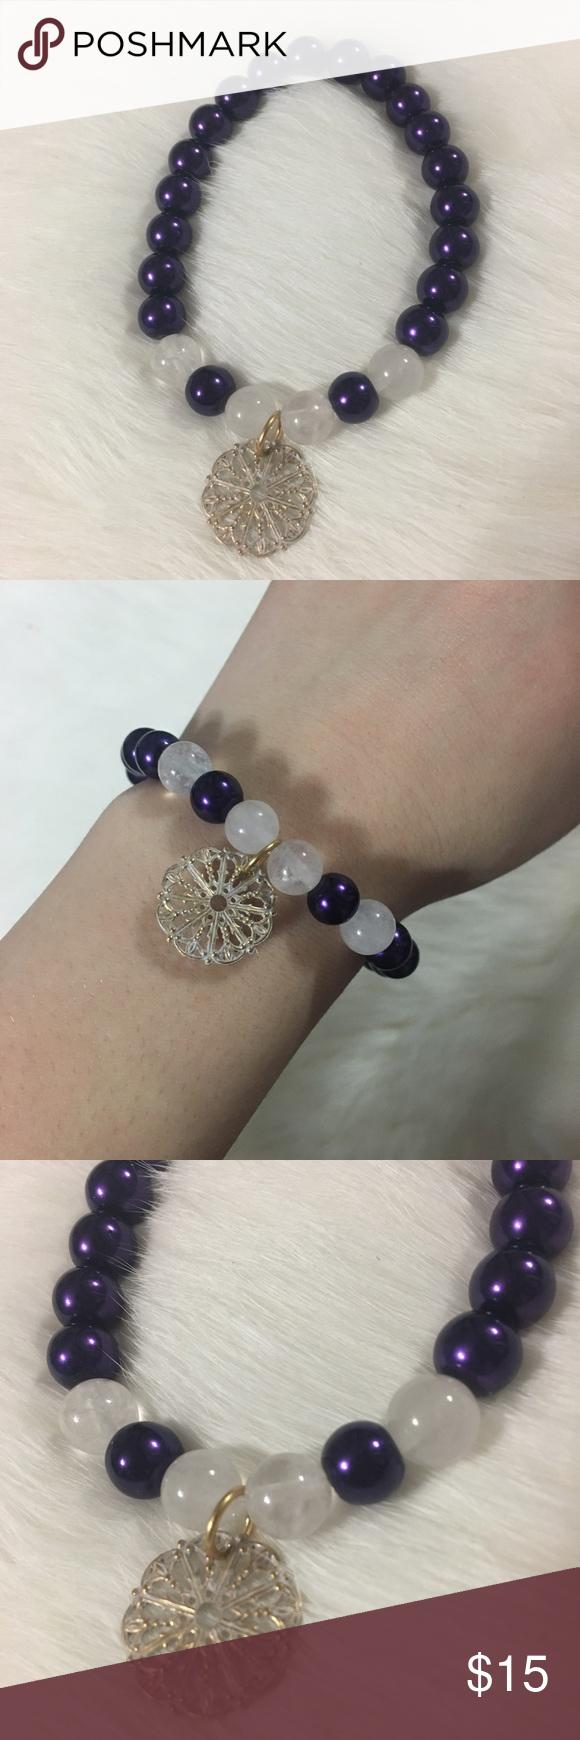 Handmade flower bracelet boutique white flowers handmade and